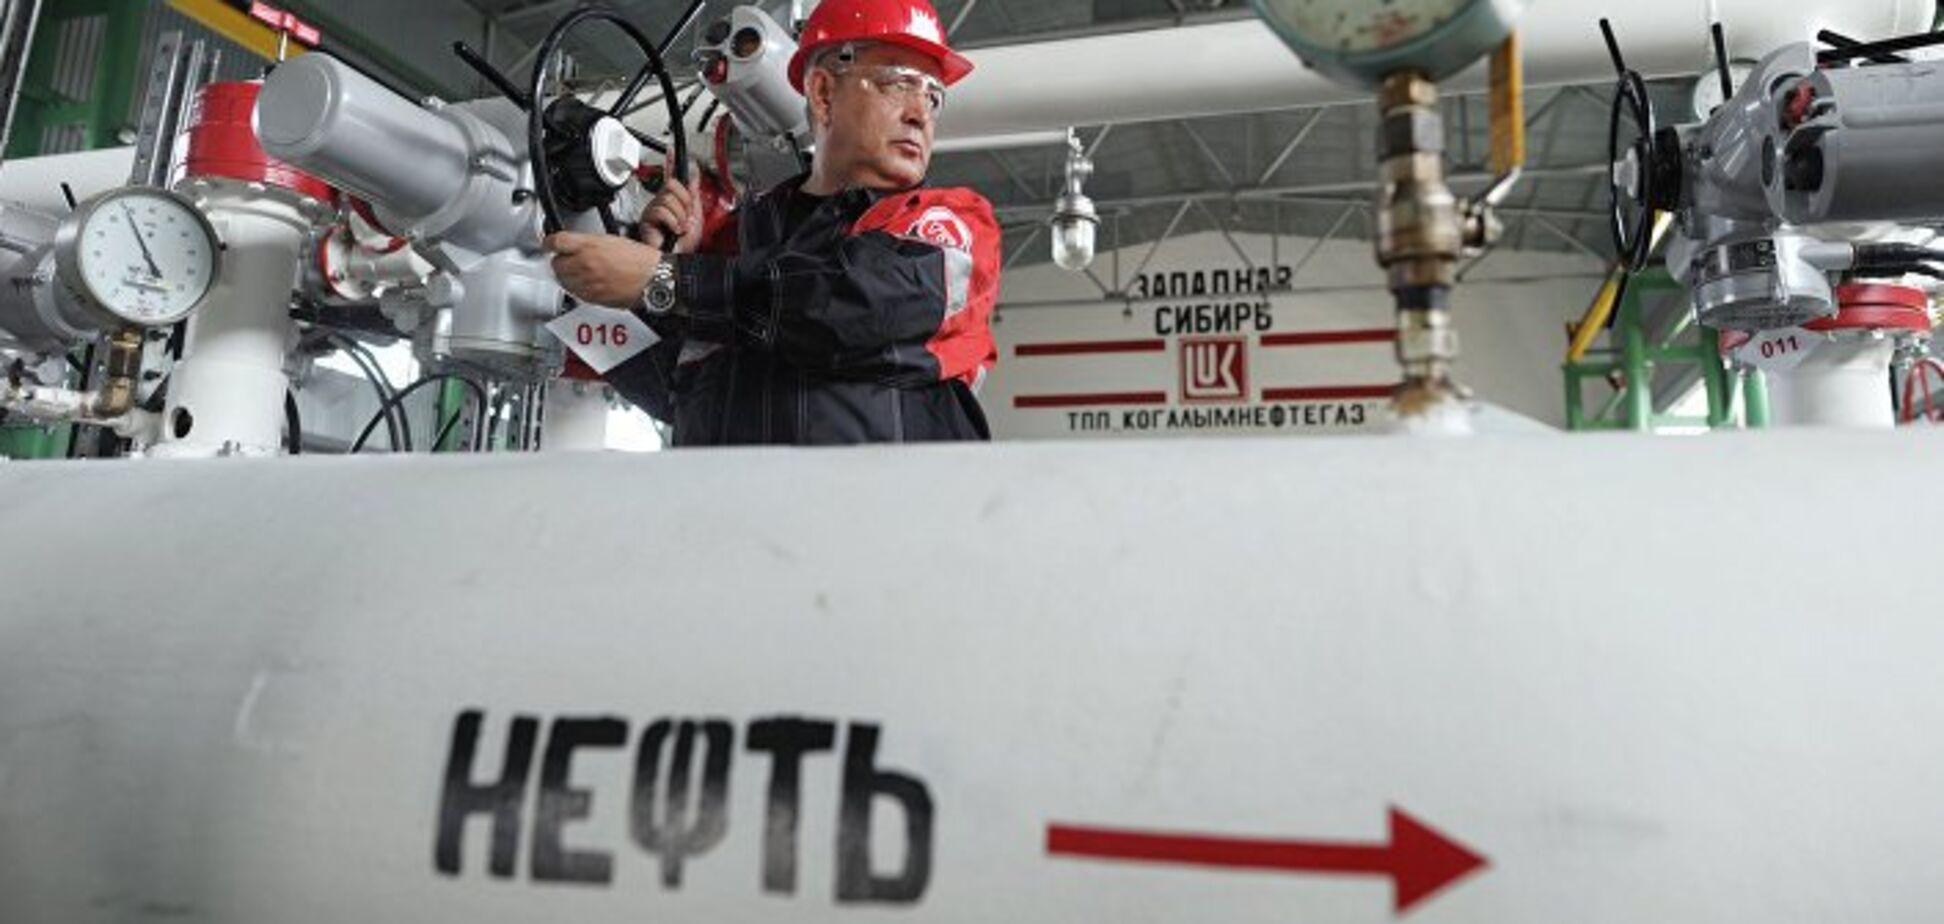 'Тяжелый удар': экономист оценил убытки для экономики Украины из-за российской нефти